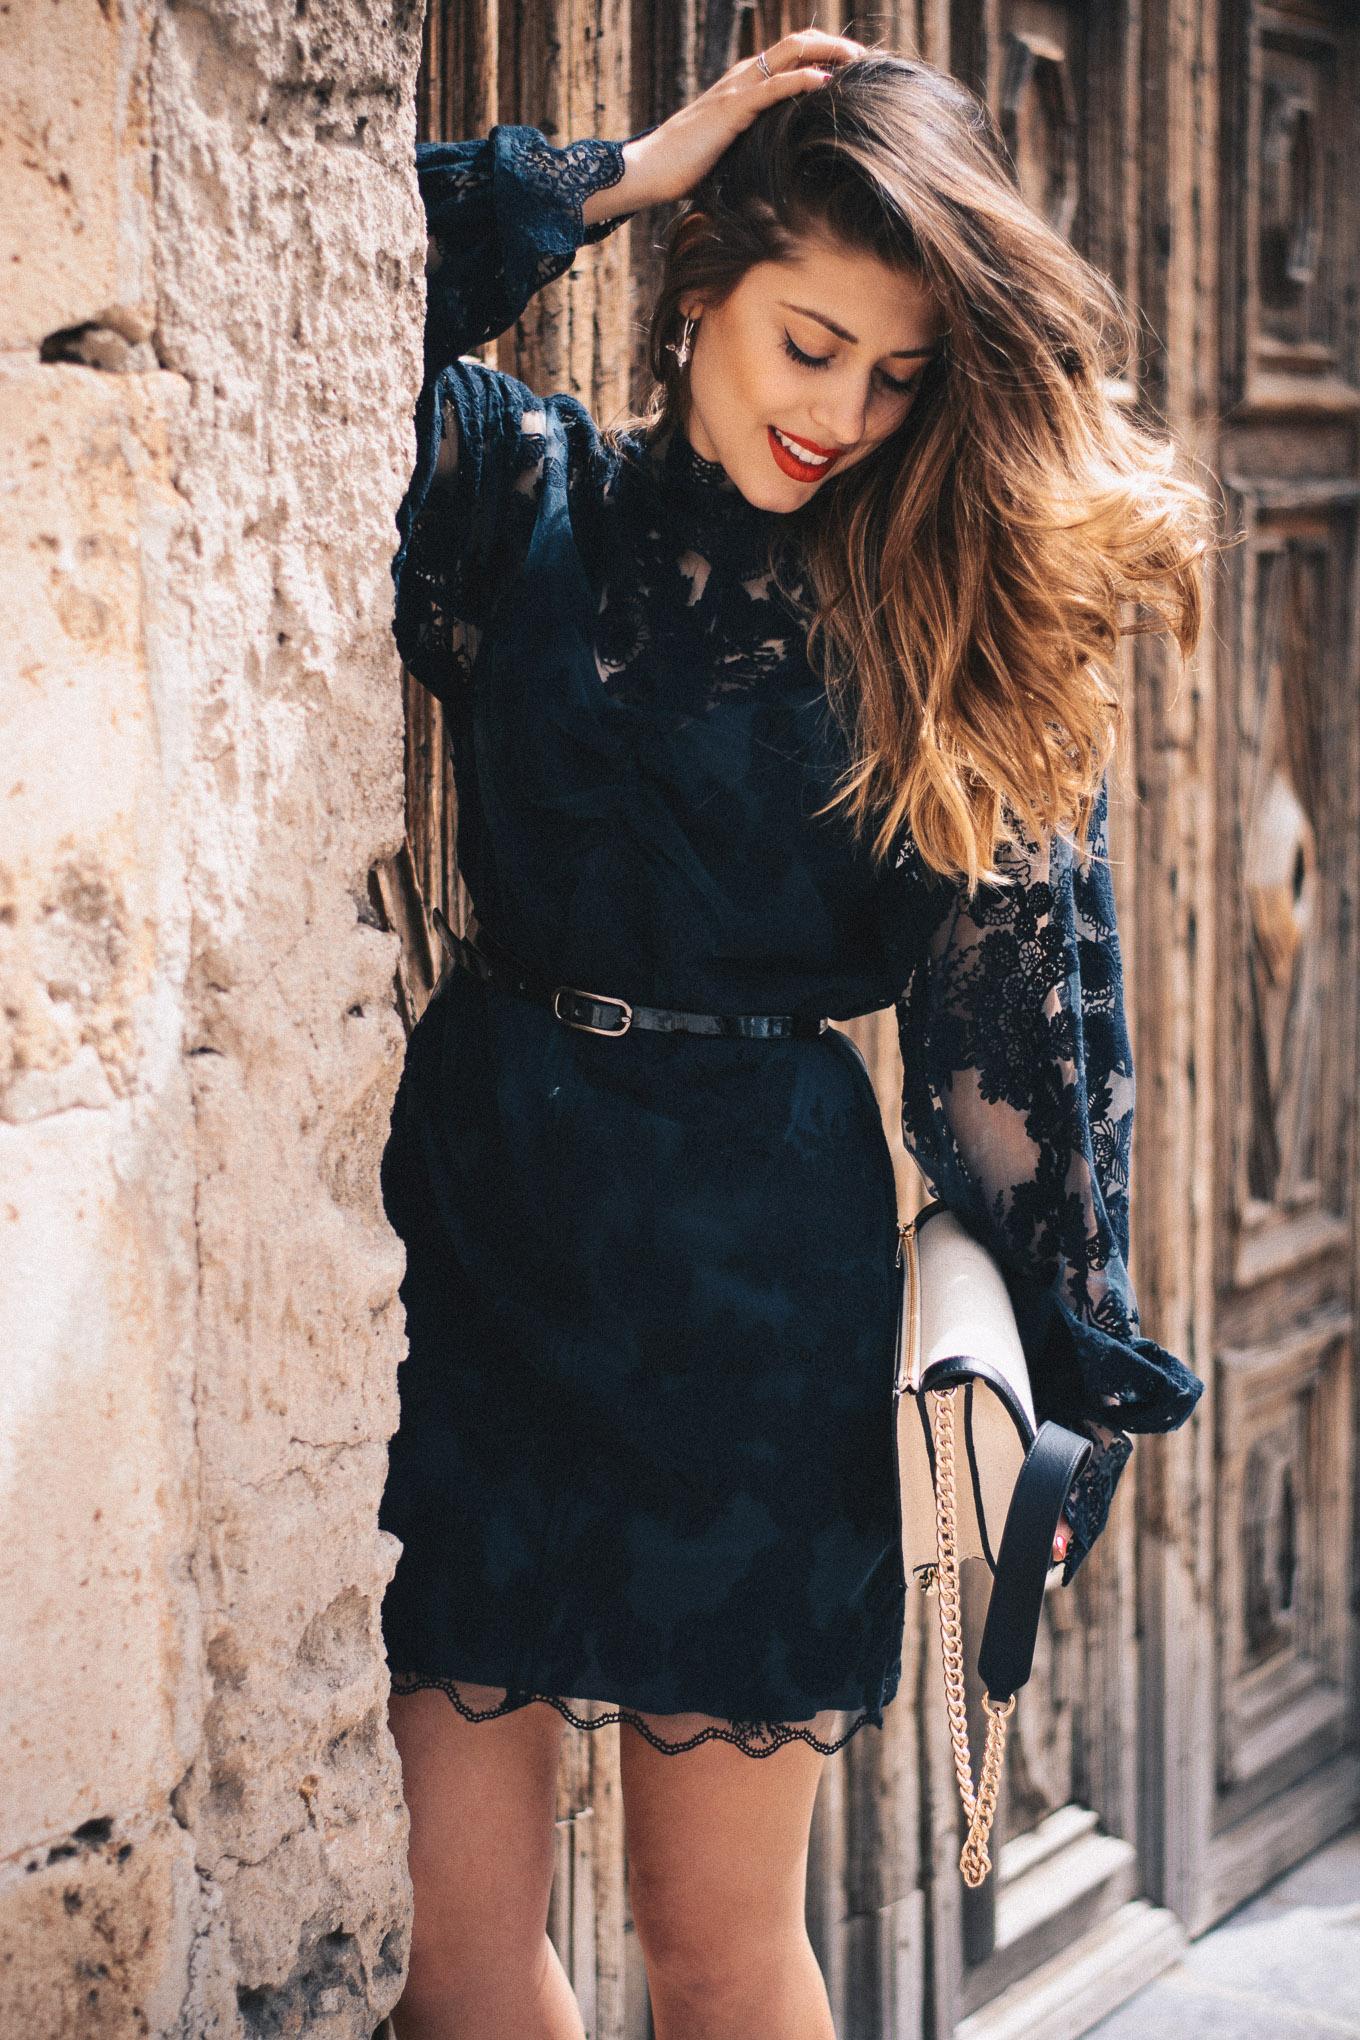 H&M conscious exclusive black lace dress